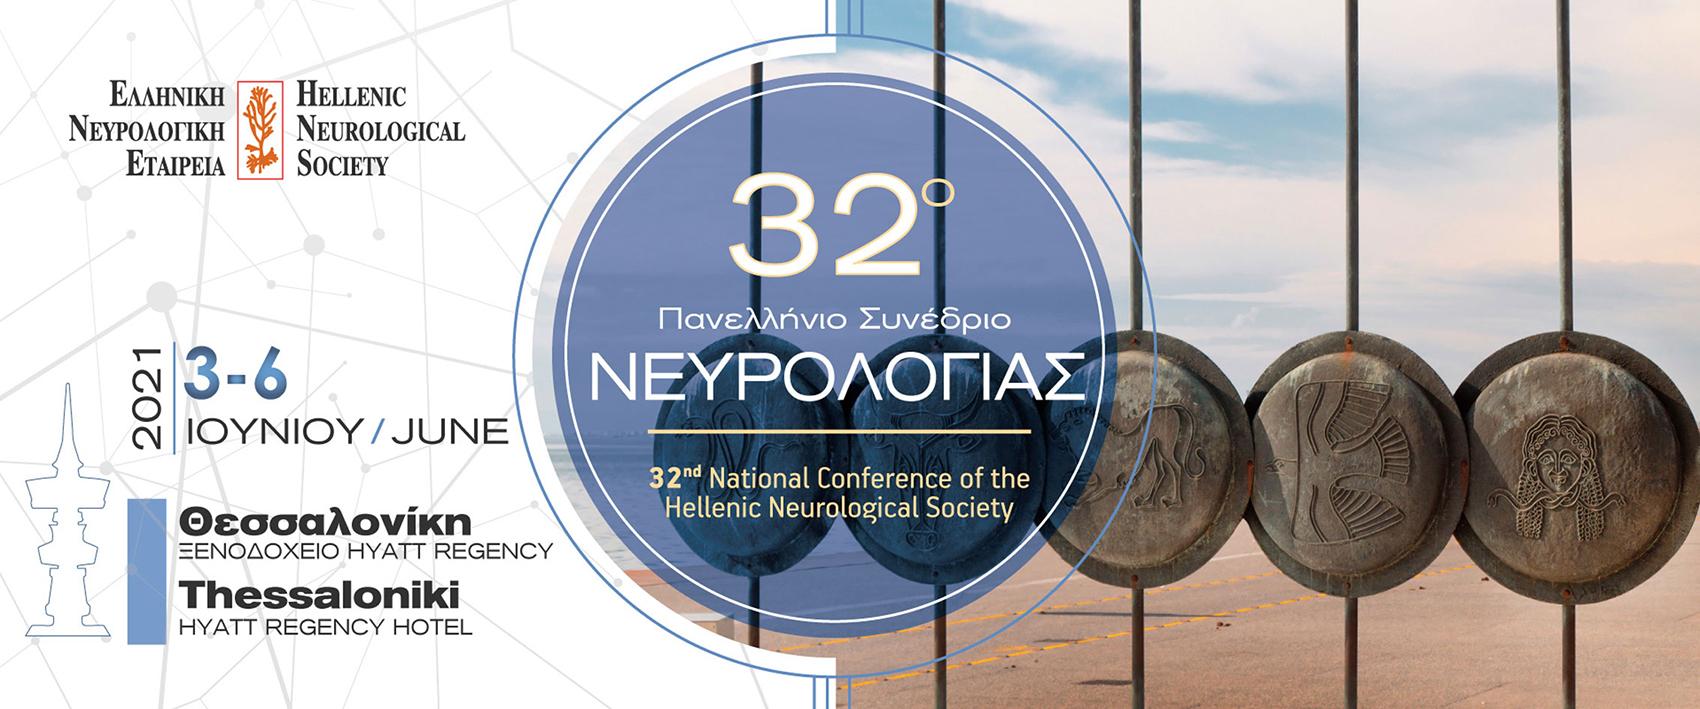 32ο Πανελλήνιο Συνέδριο Νευρολογίας